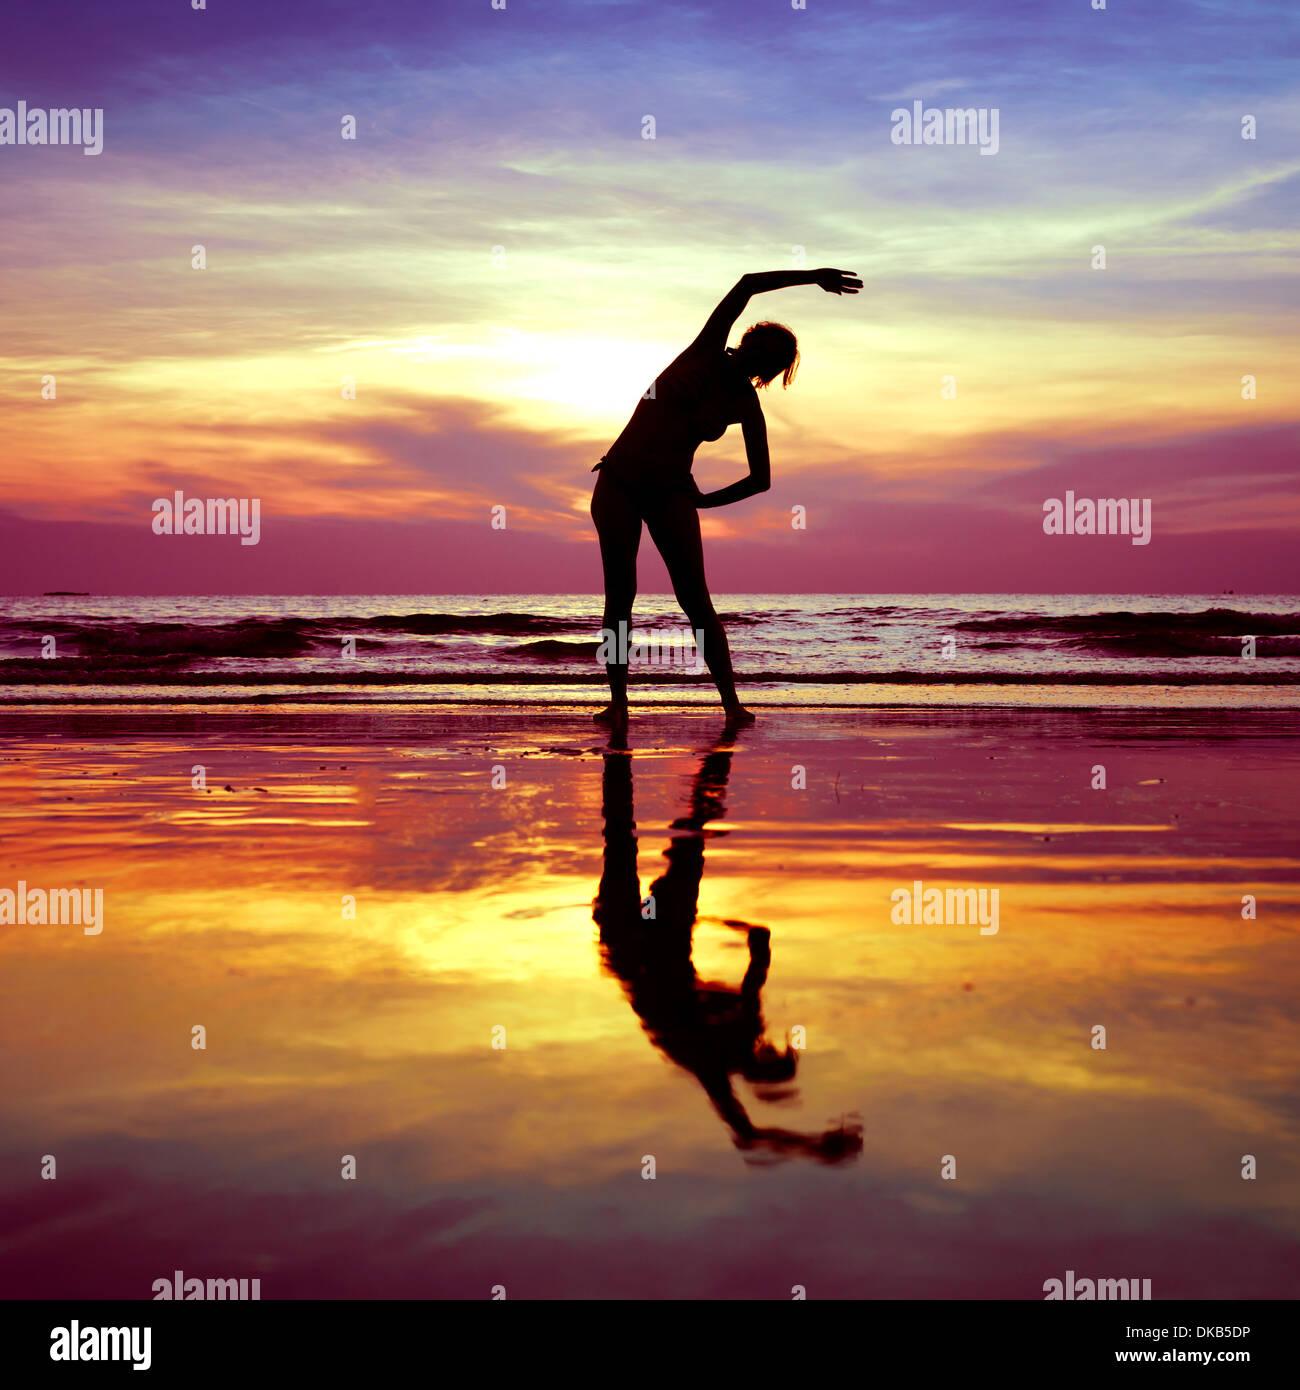 Silueta de mujer joven, ejercicios de estiramiento del yoga en la playa en el atardecer. Foto de stock